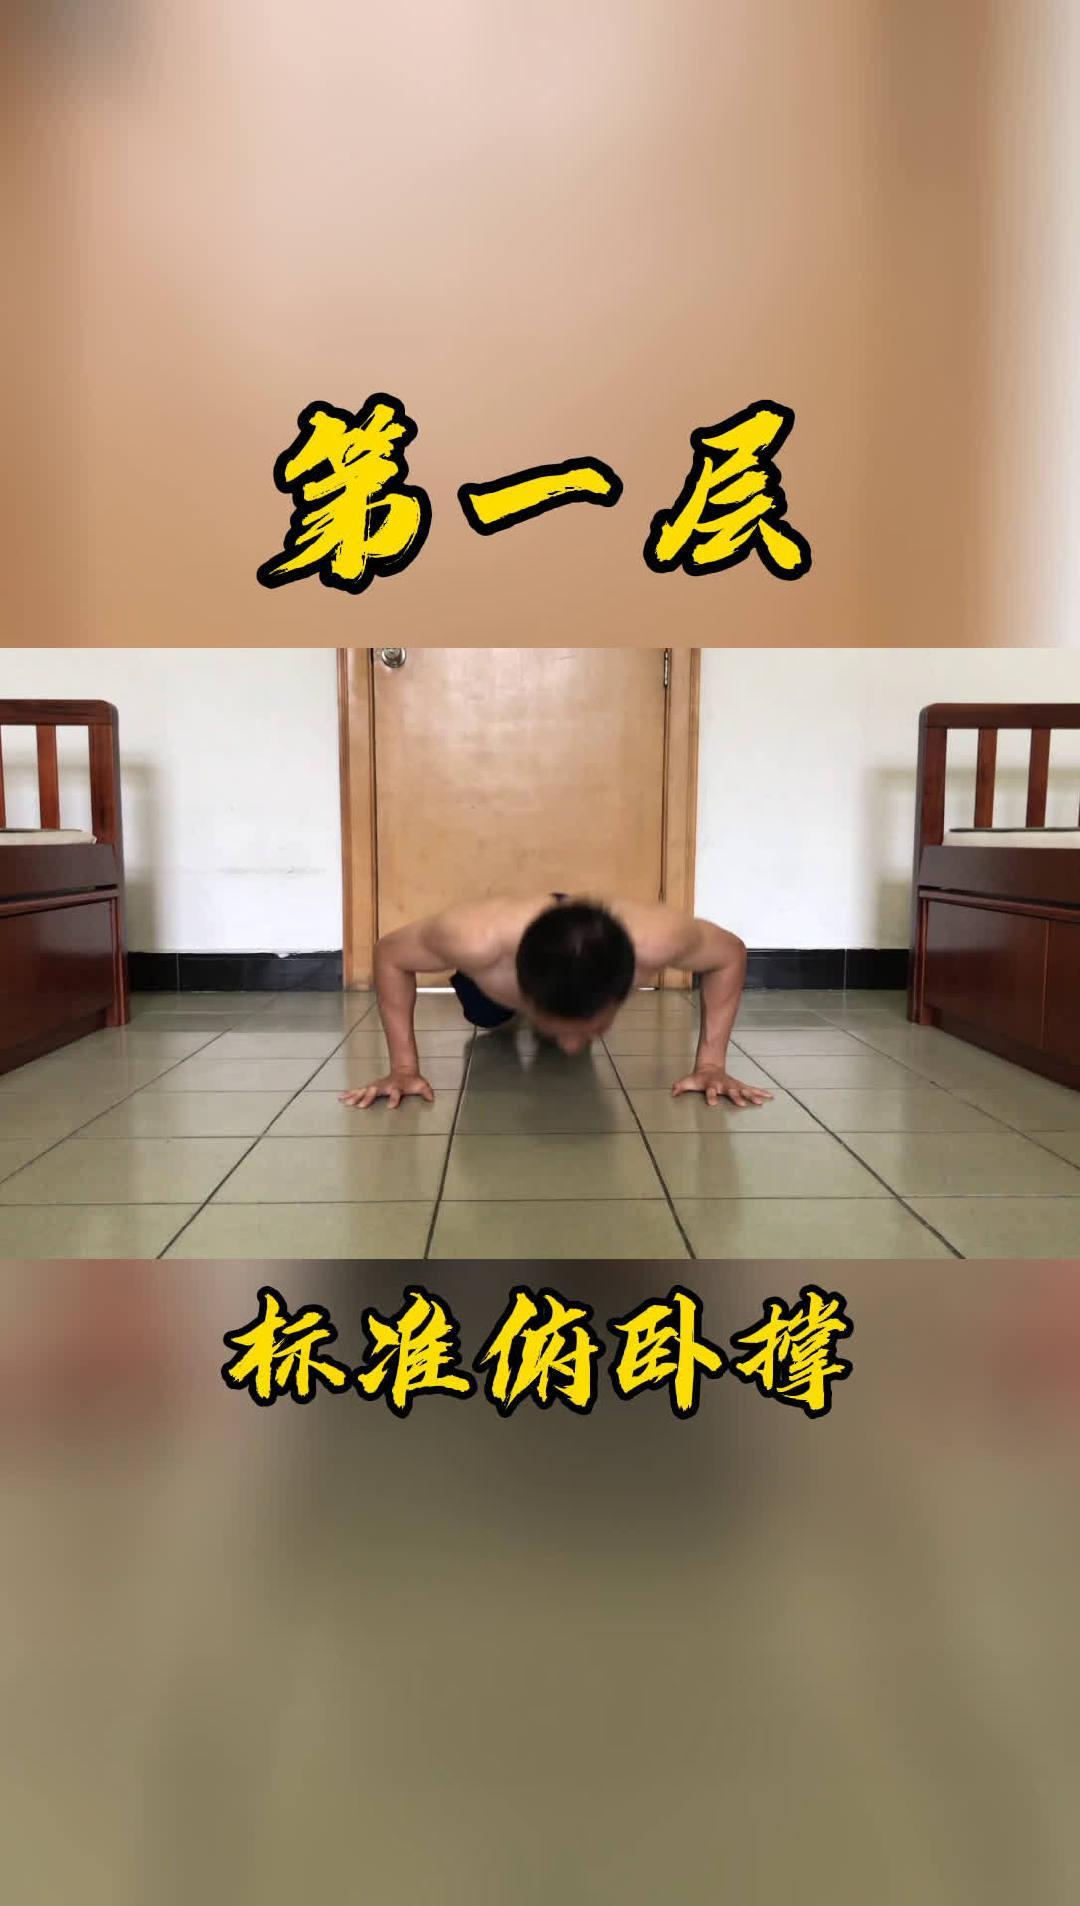 上海蓝朋友的十八层硬核俯卧撑来了……